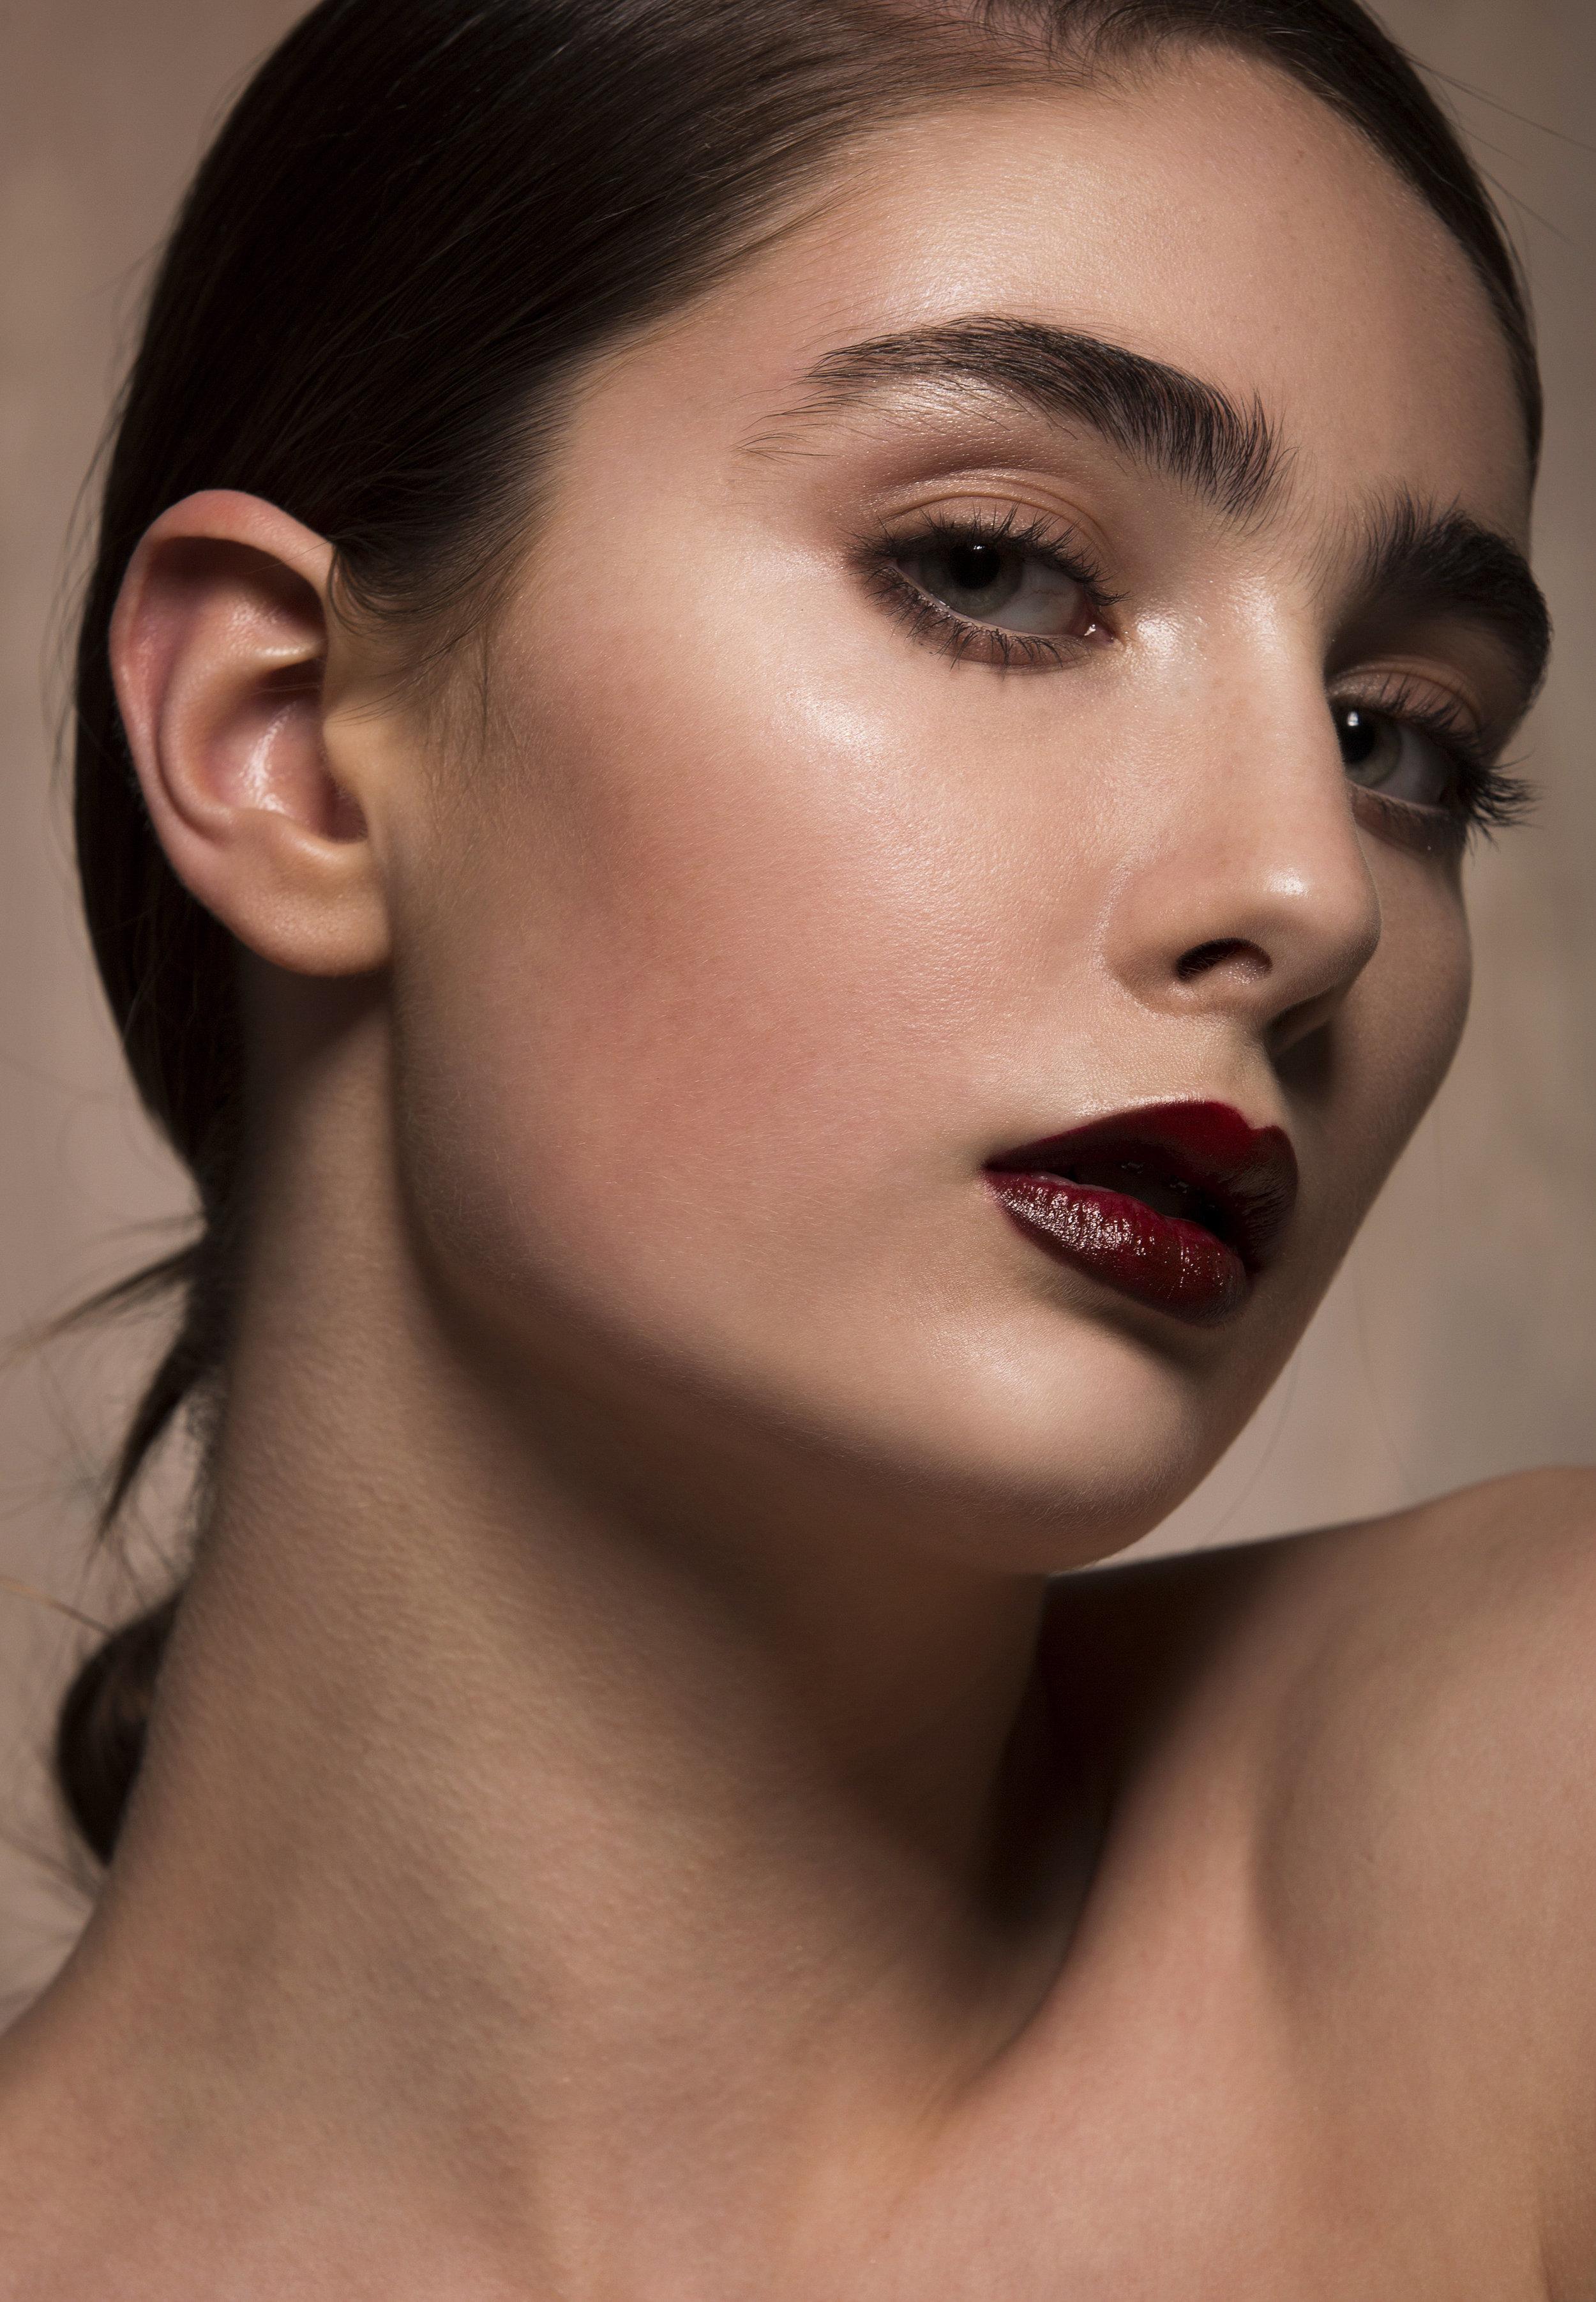 Beauty Madelyn Ricketts HOB-Beauty Madelyn Ricketts HOB-0005.jpg